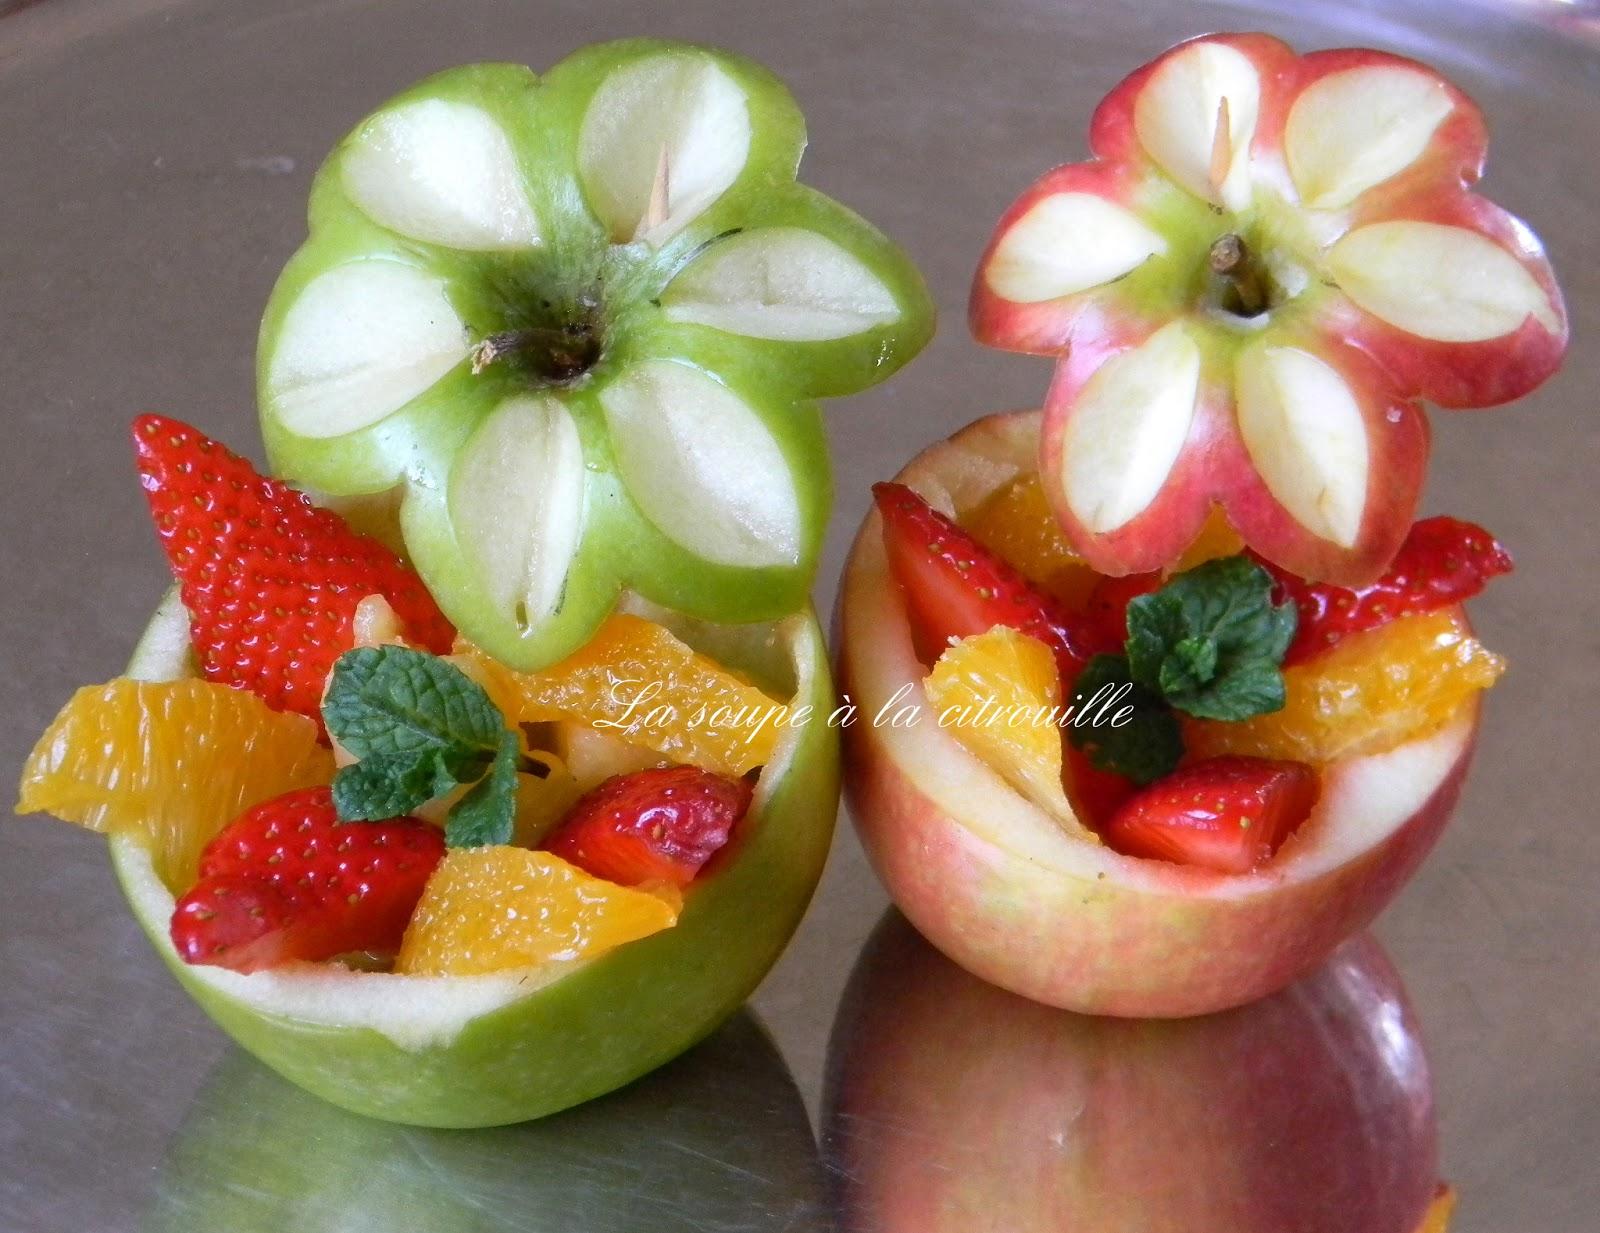 La soupe la citrouille les pommes fleurs for Decoration de plat avec des legumes